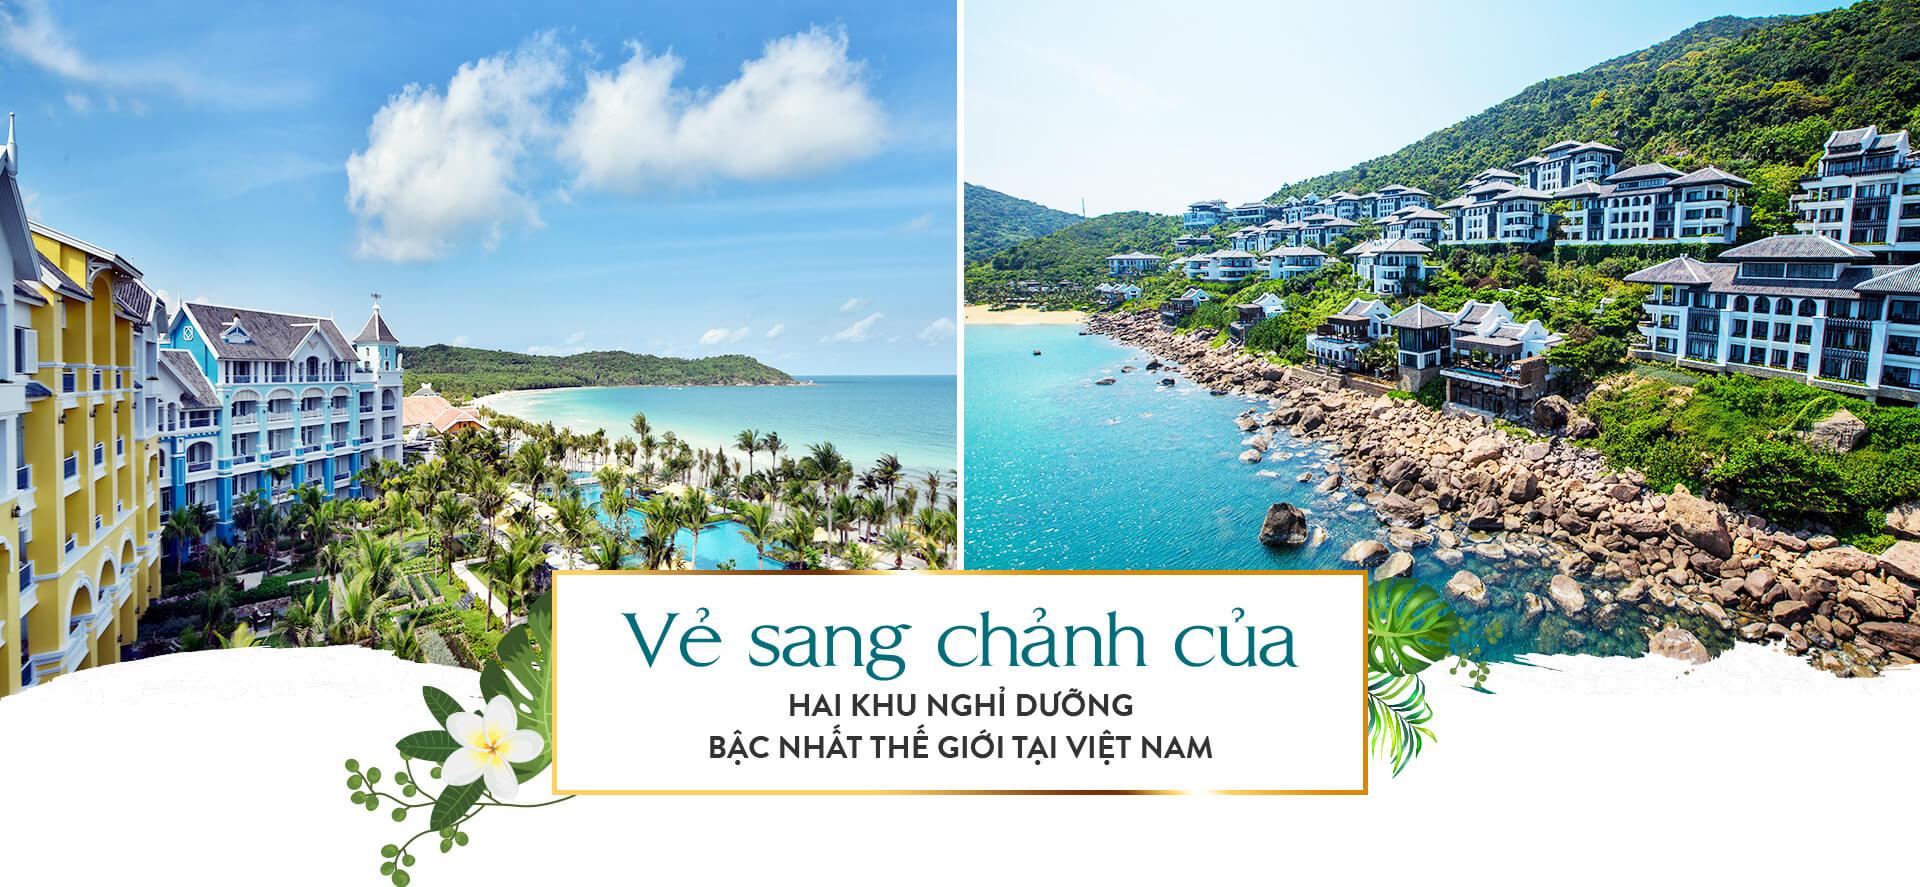 Vẻ sang chảnh của hai khu nghỉ dưỡng bậc nhất thế giới tại Việt Nam